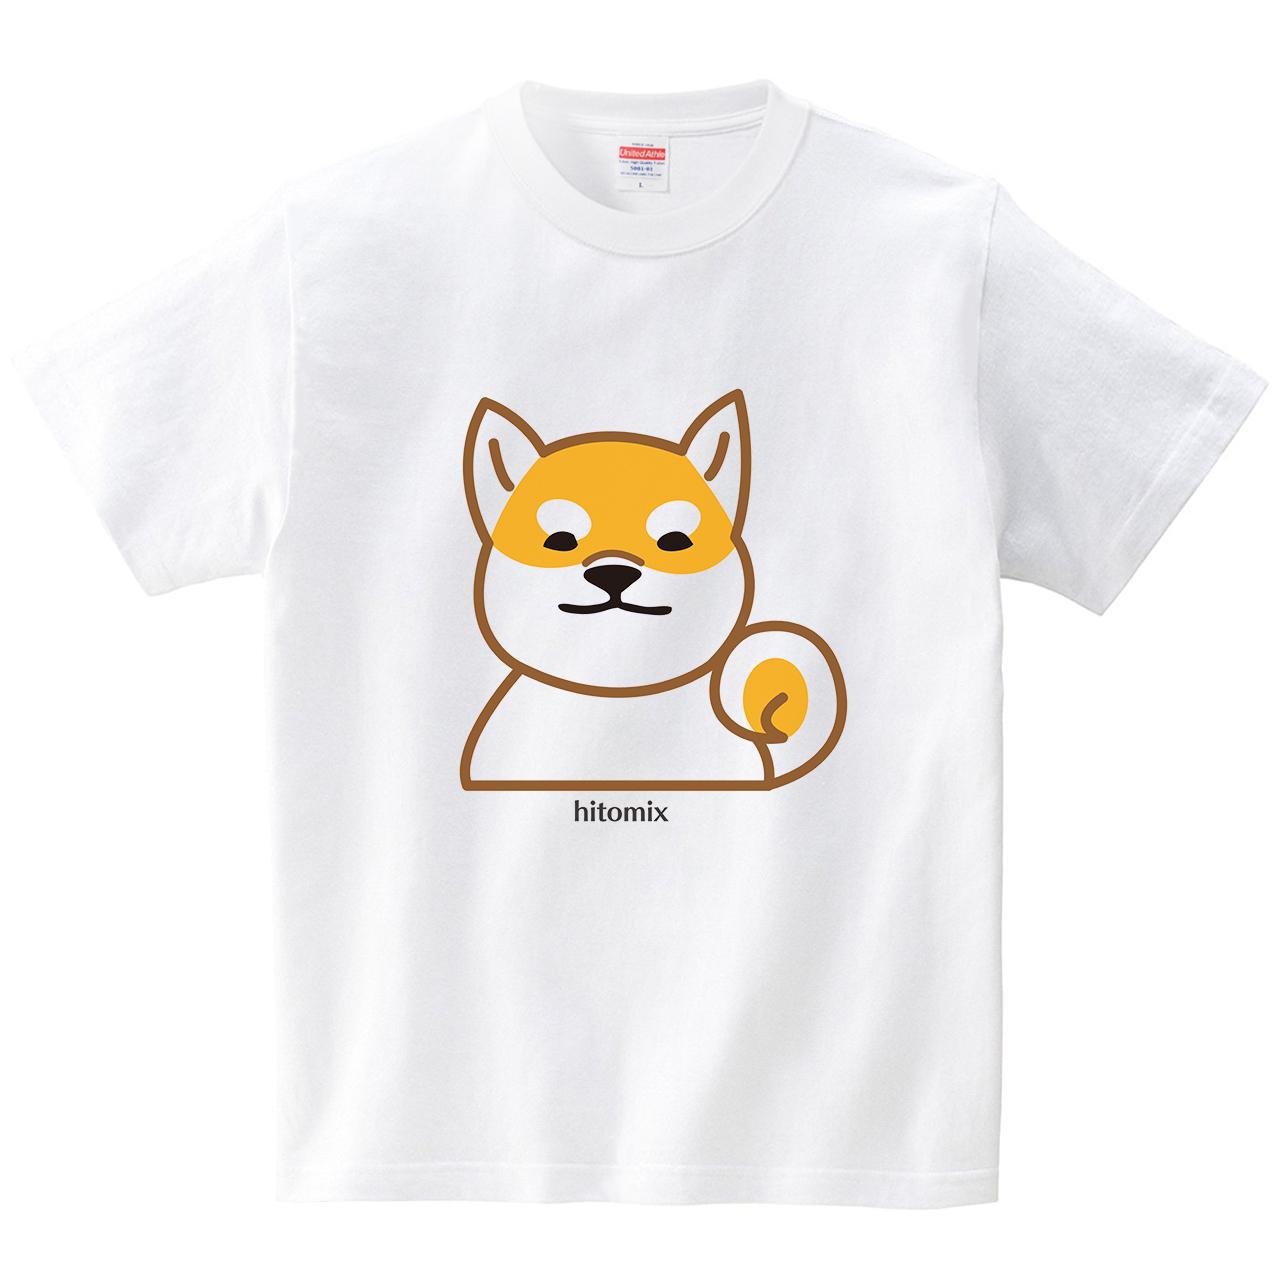 しば犬T(Tシャツ・ホワイト)(hitomix)